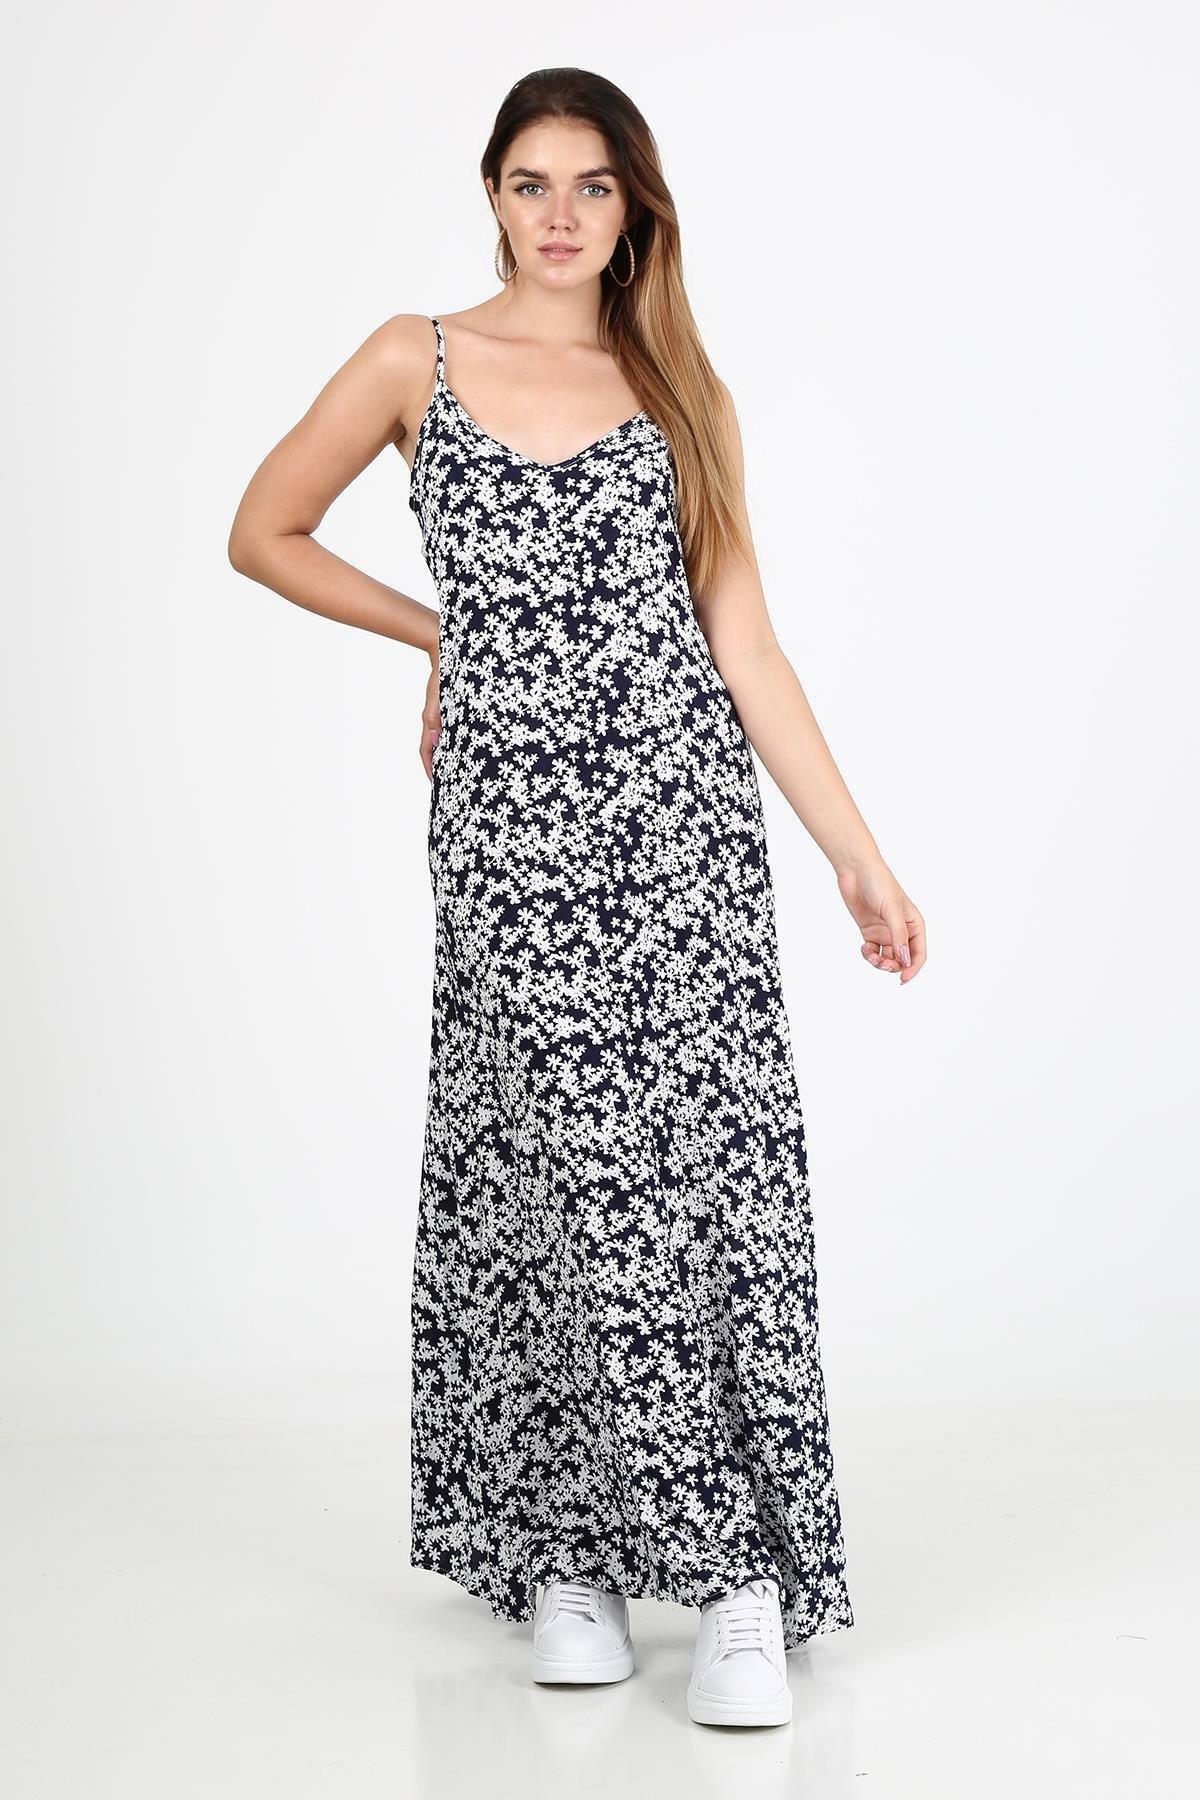 Çiçek Desenli Yırtmaçlı Uzun Elbise b21-44300